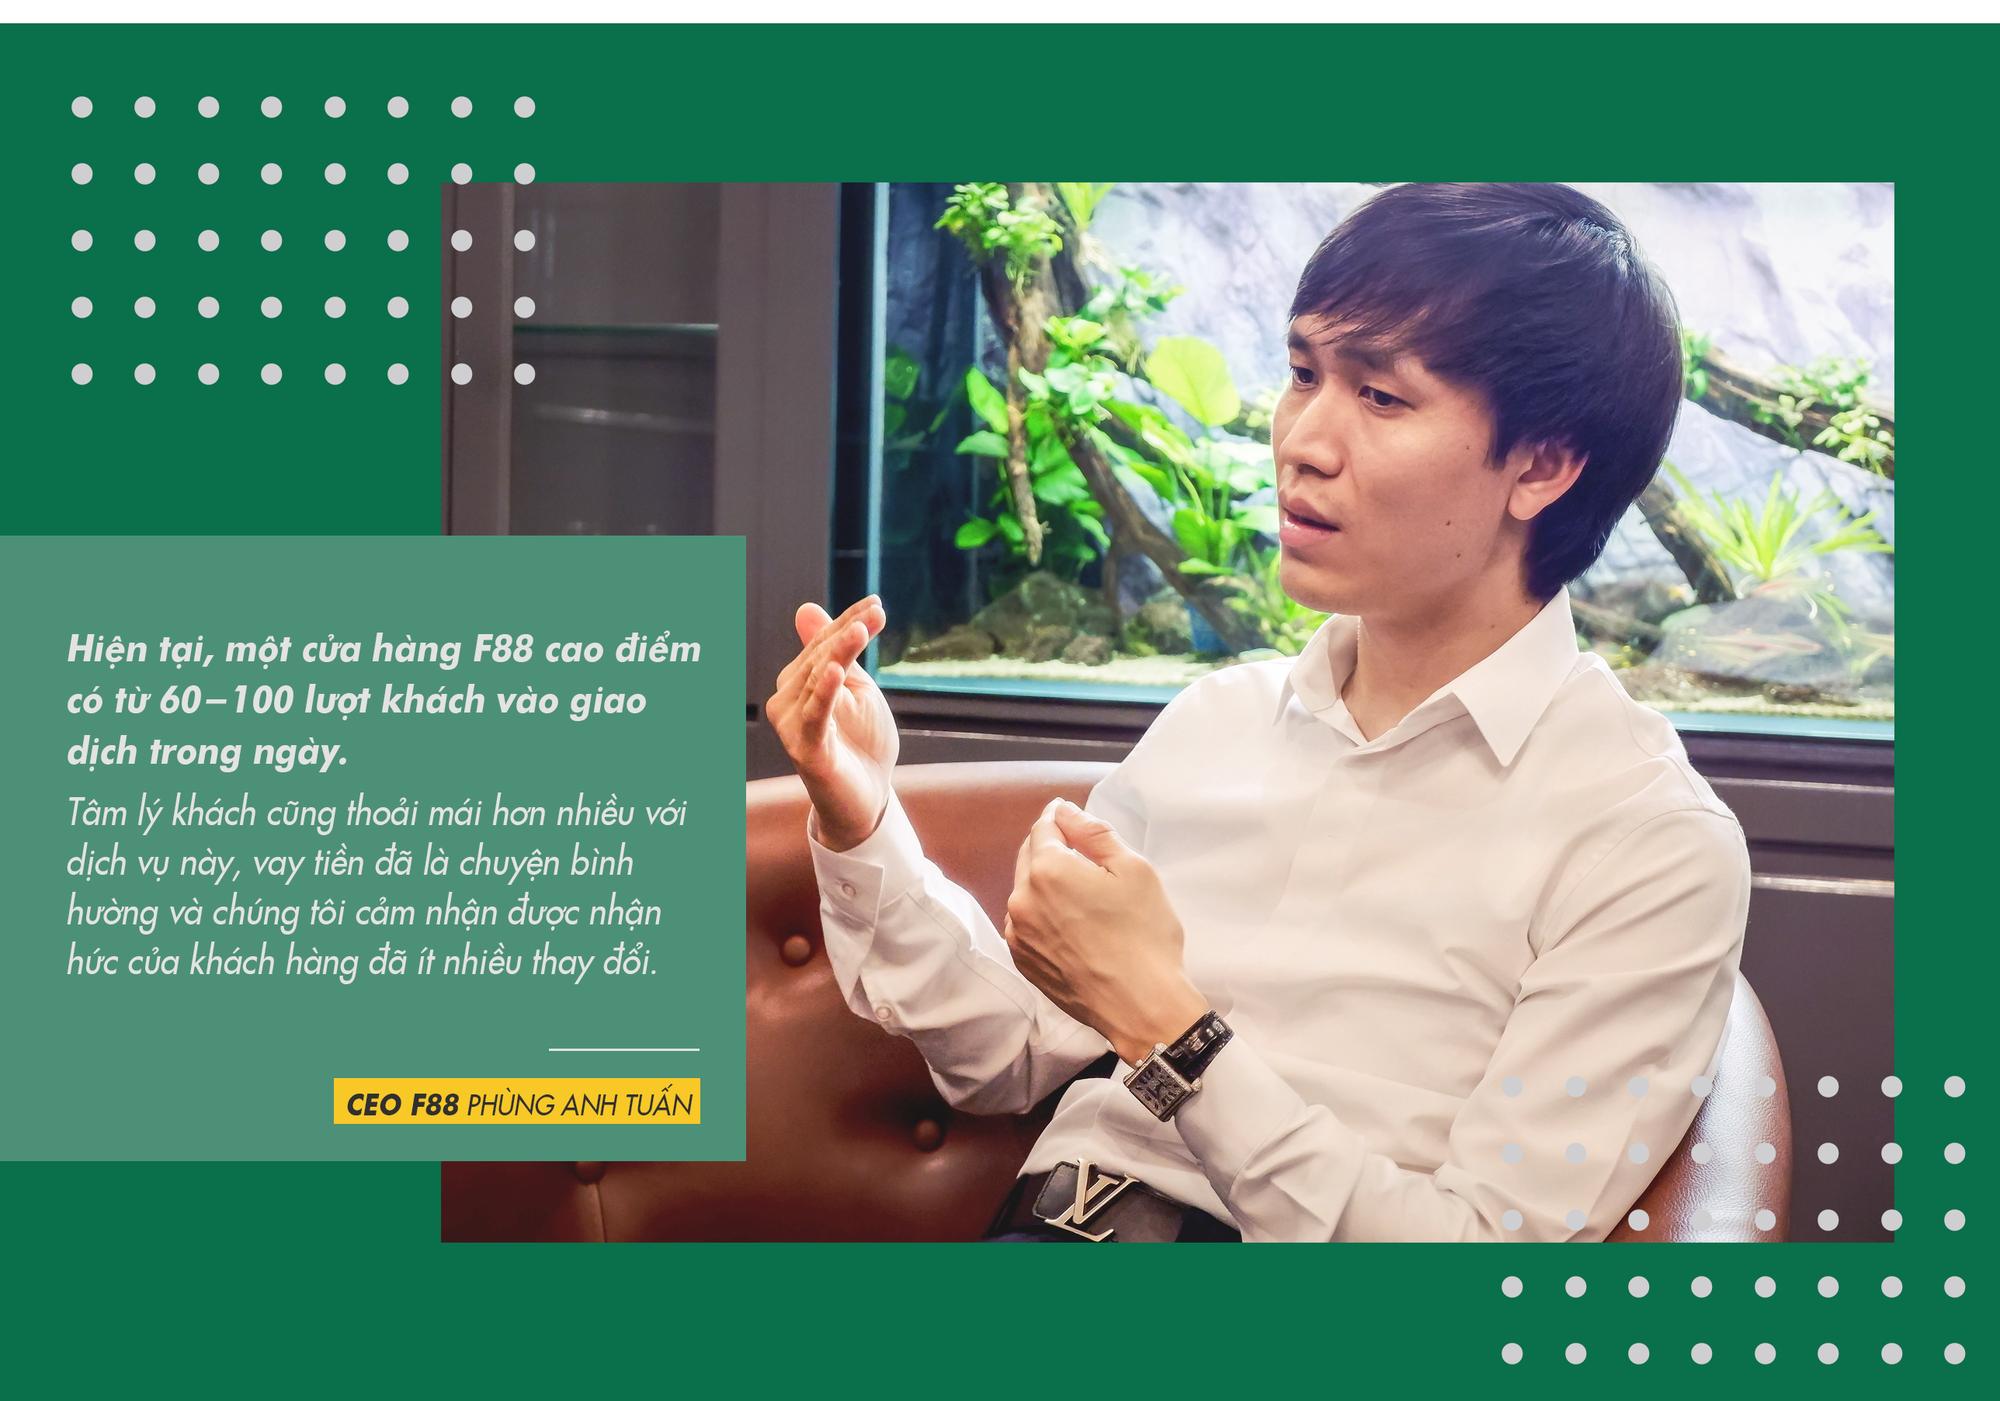 [eMagazine] CEO F88: Chúng tôi muốn khai phá tệp khách hàng chưa bao giờ đi cầm đồ - Ảnh 3.